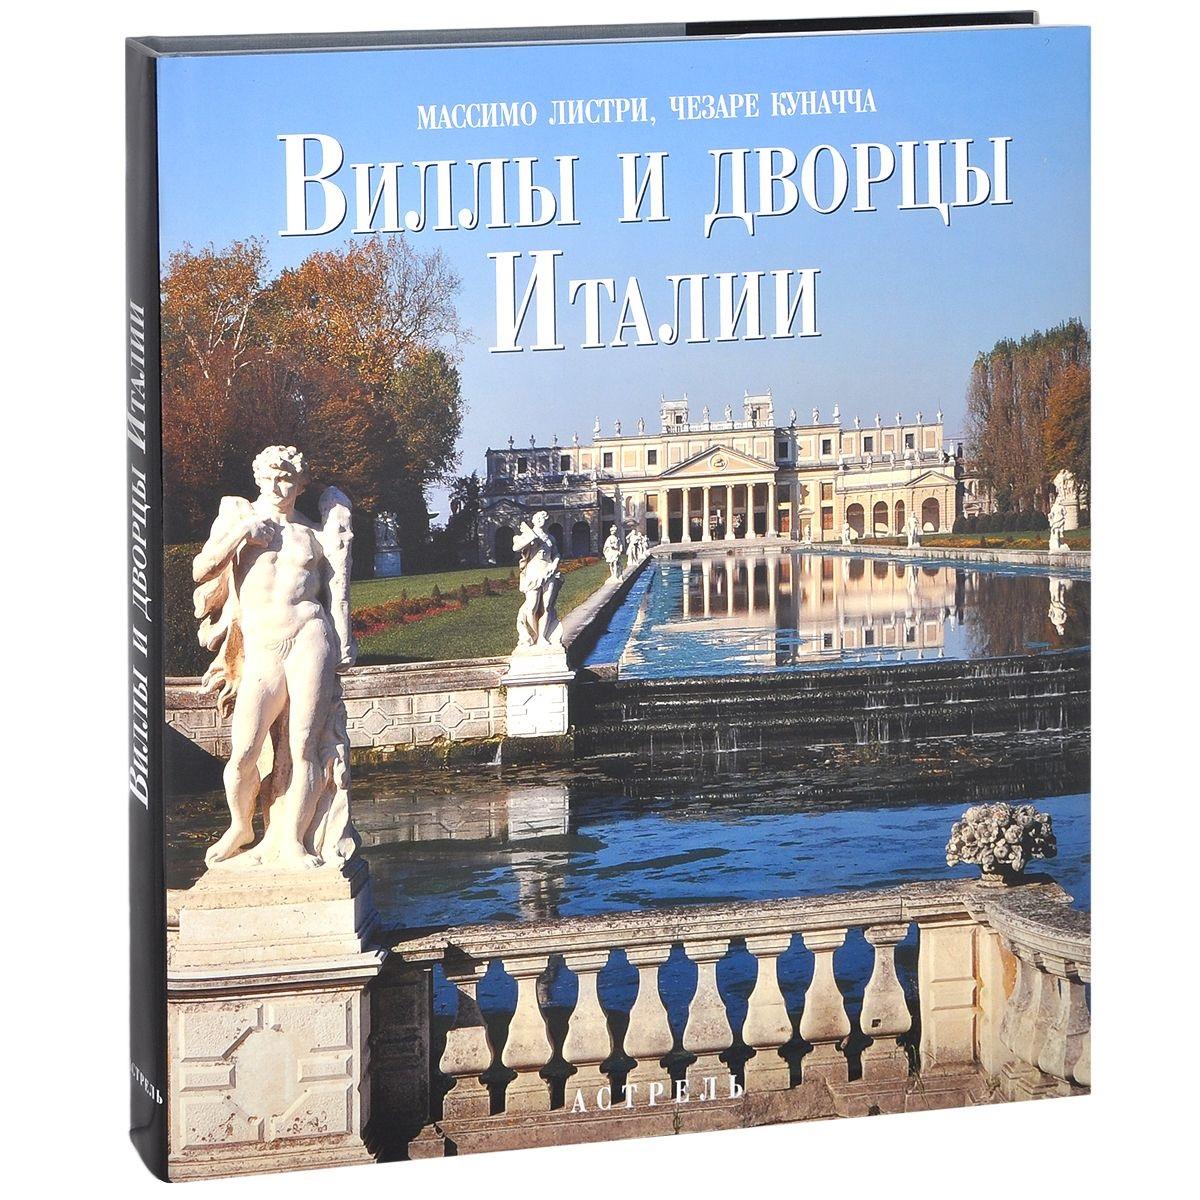 Листри М. Альбом Виллы и дворцы Италии стирлен а альбом самые знаменитые дворцы виллы и замки isbn 9785170457922